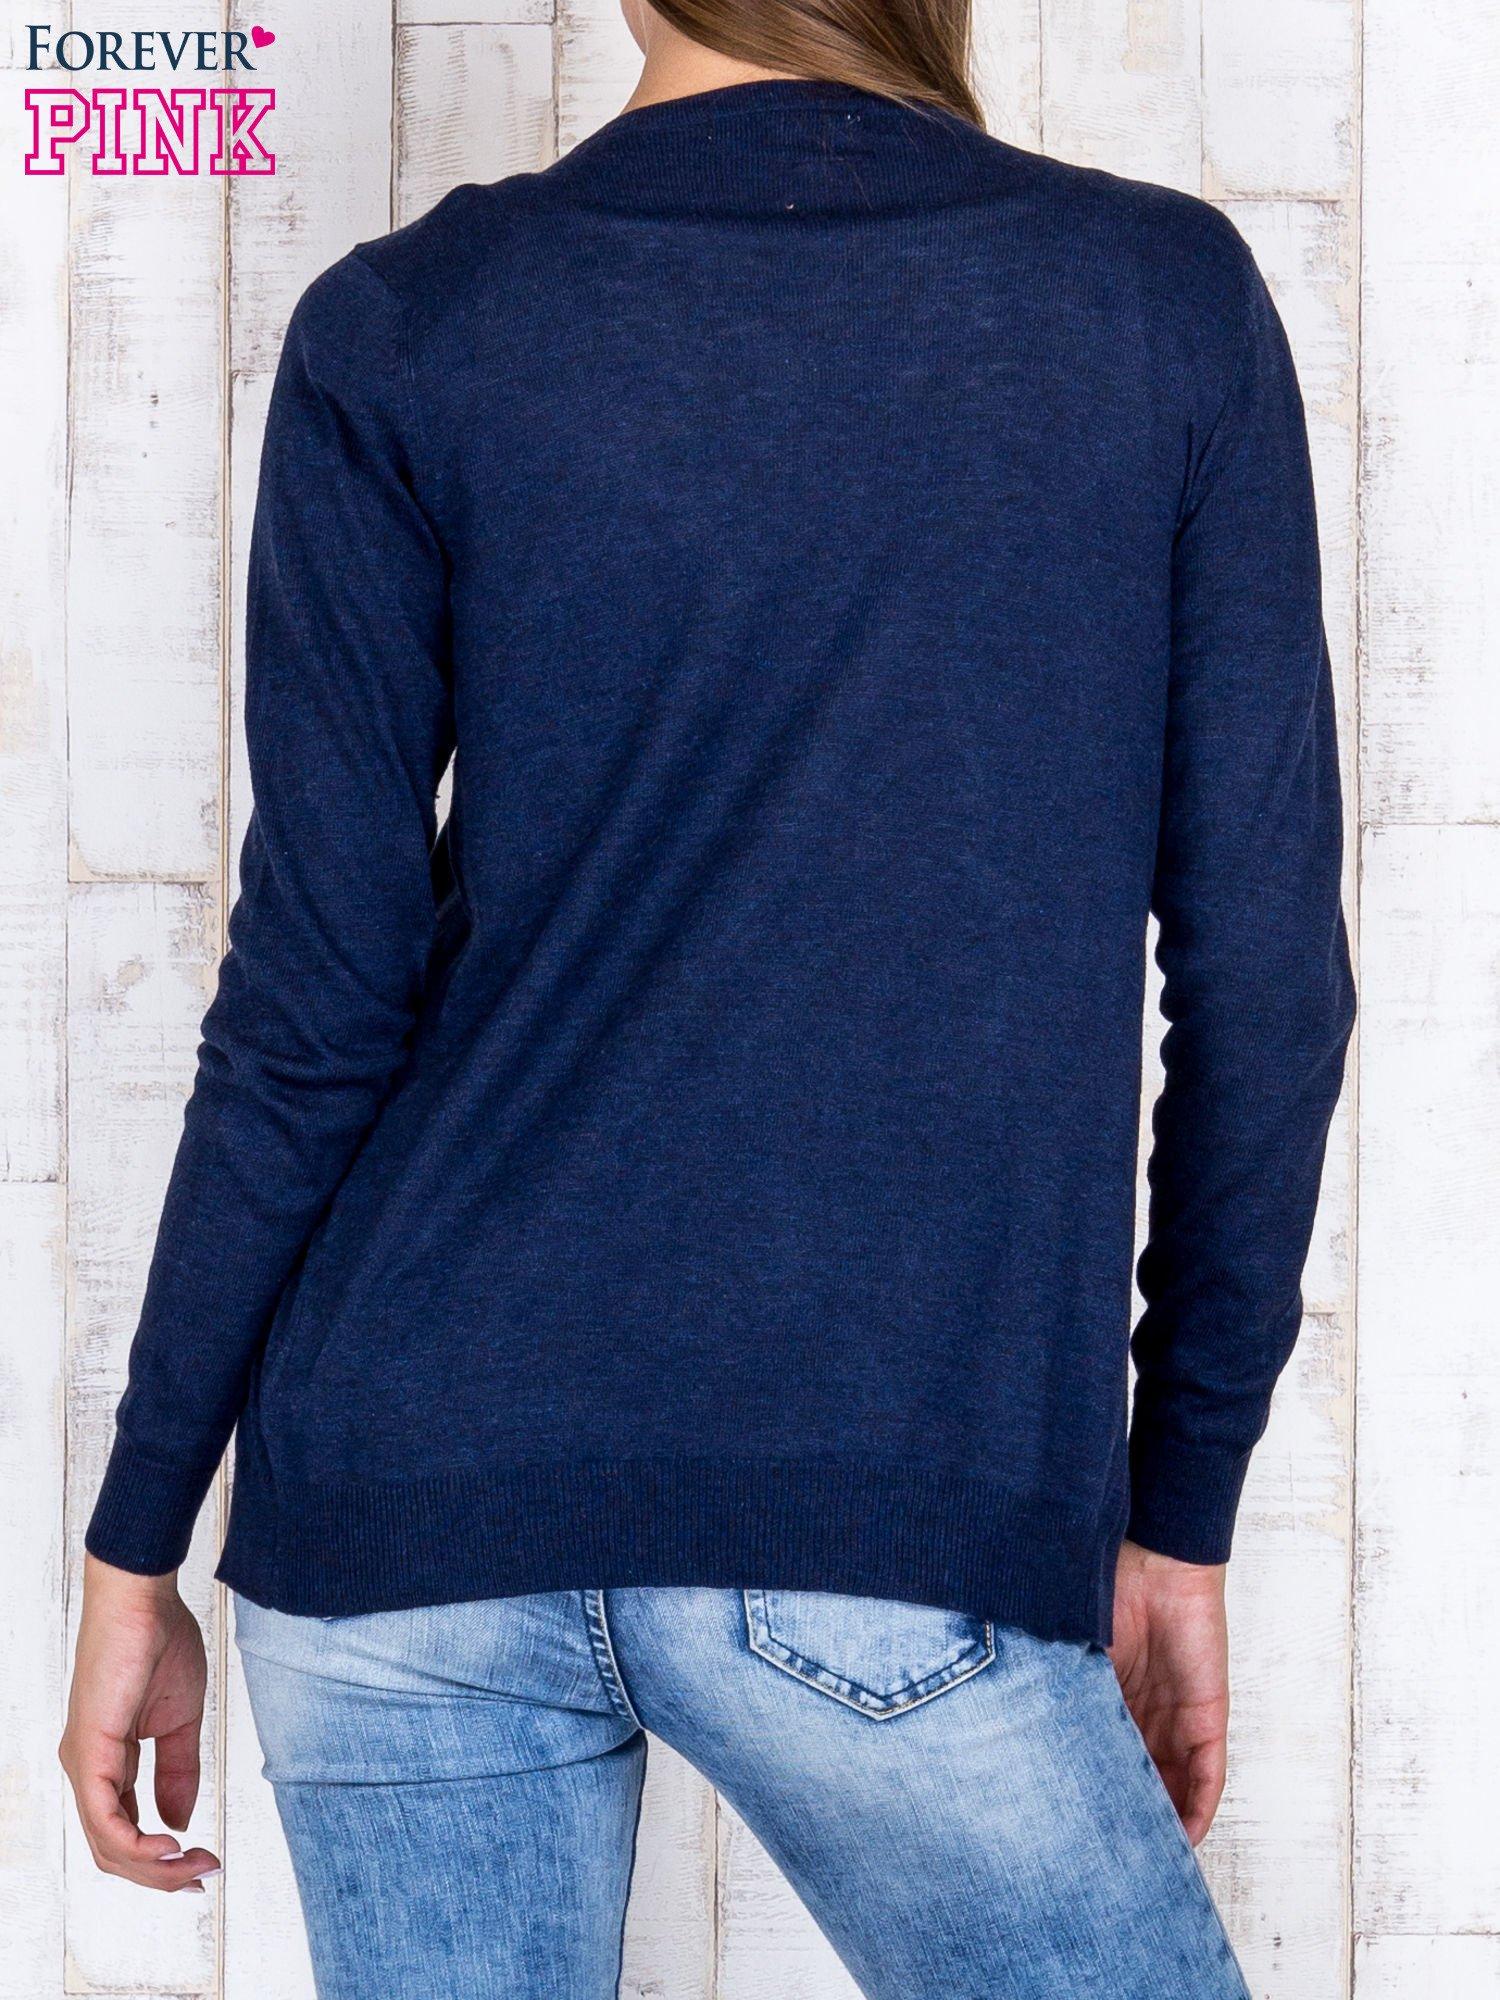 Granatowy niezapinany sweter z melanżowym efektem                                  zdj.                                  4